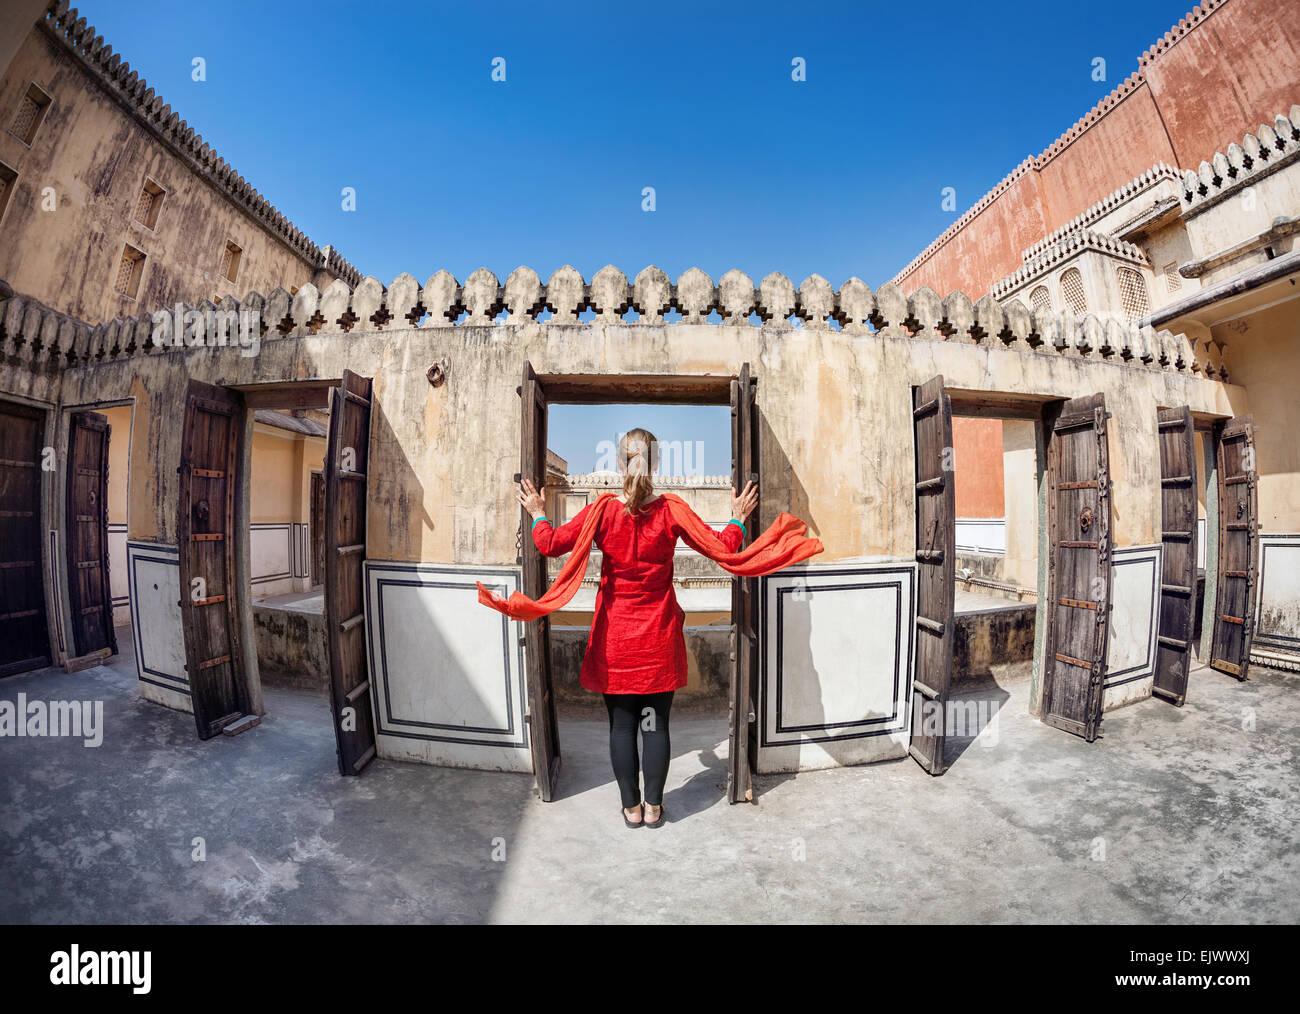 Mujer de vestido rojo con bufanda abriendo la puerta en el Hawa Mahal, Rajasthan, India Imagen De Stock